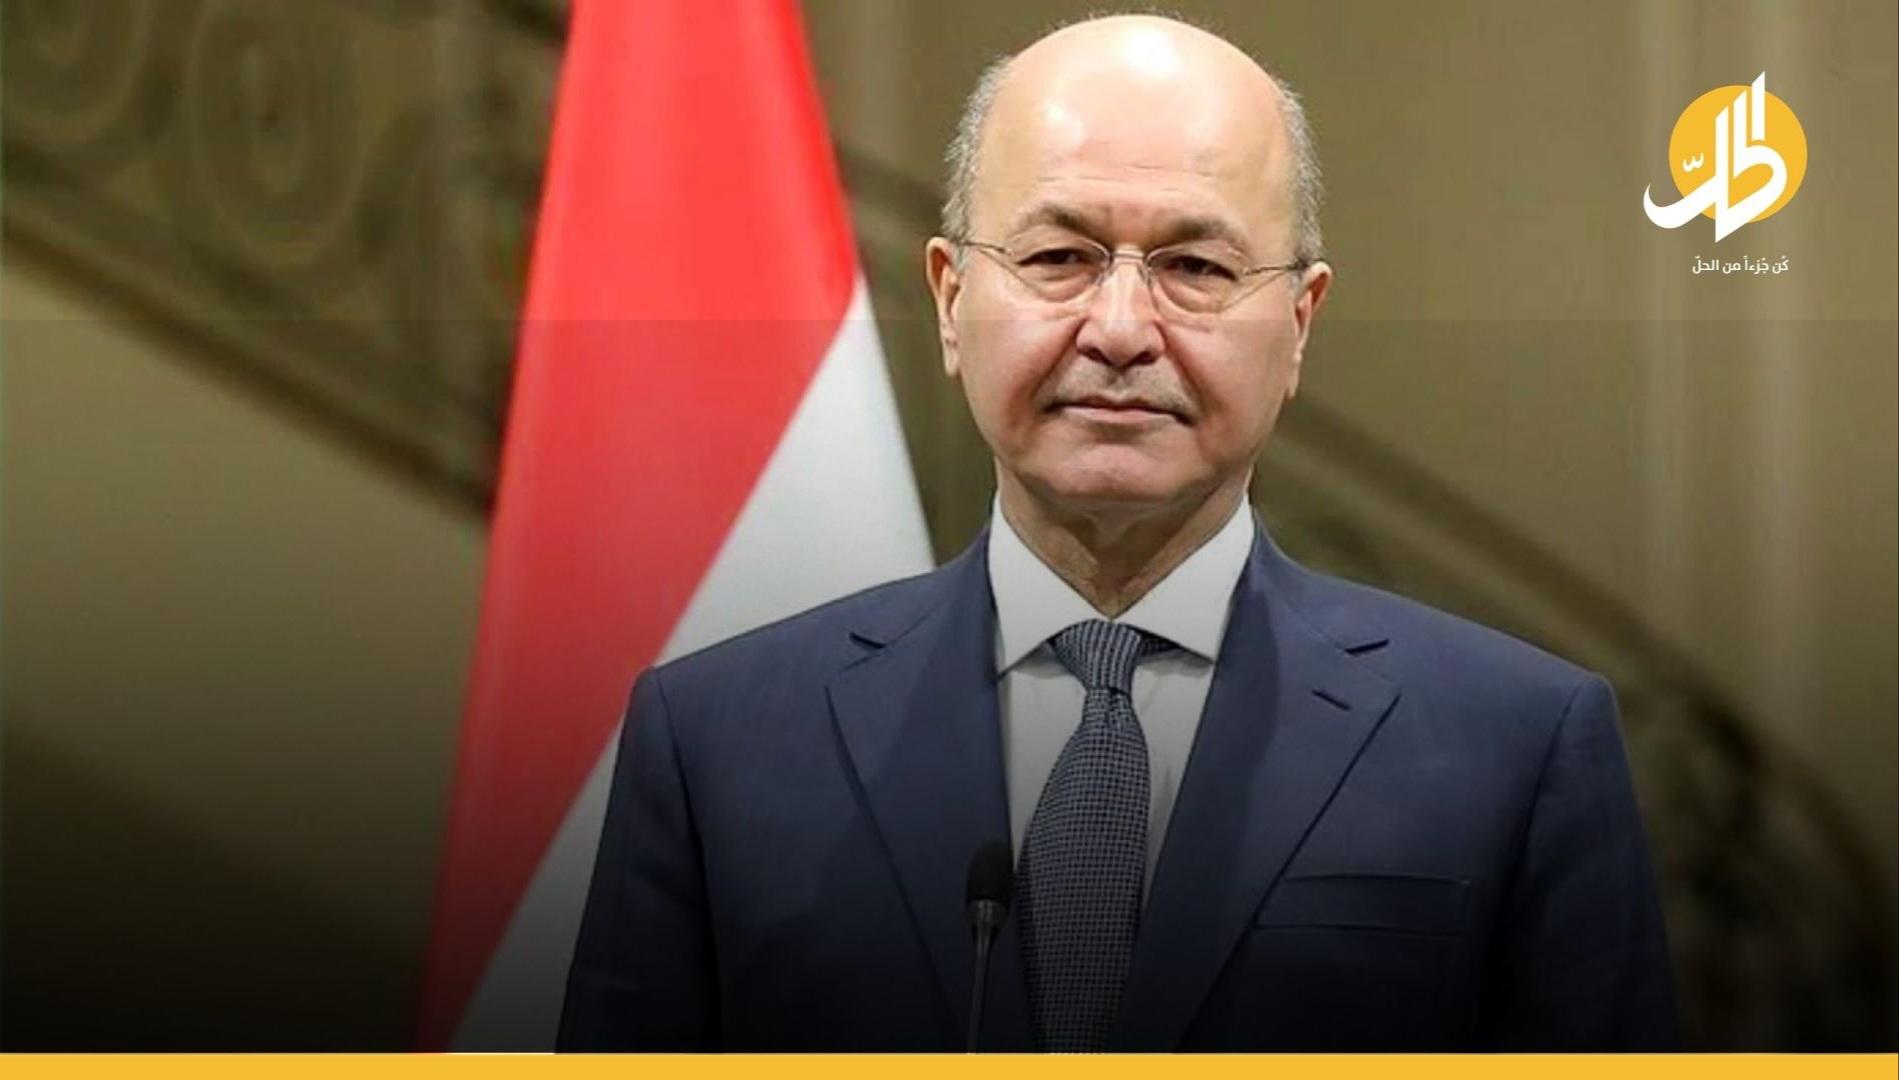 الرئيس العراقي برهم صالح: الانتخابات مهمة لإعادة الاعتبار إلى الشعب